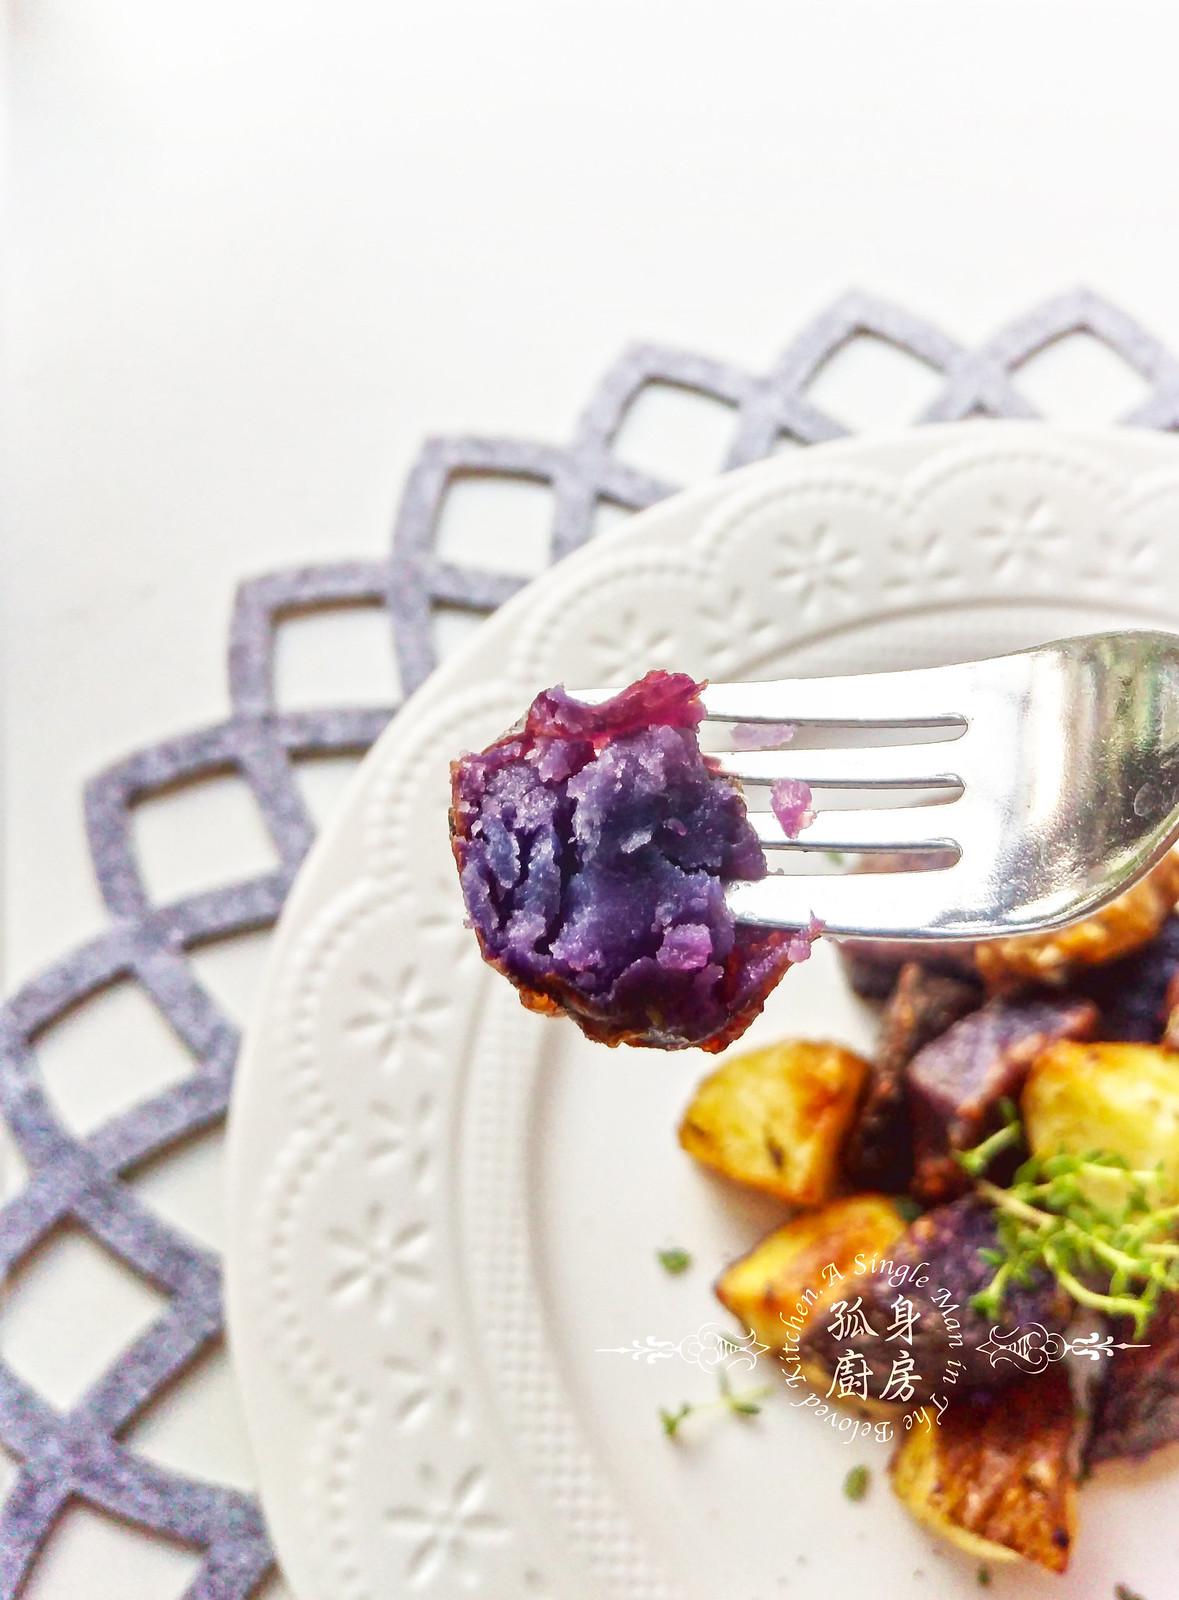 孤身廚房-香草烤雙色馬鈴薯──好吃又簡單的烤箱料理19